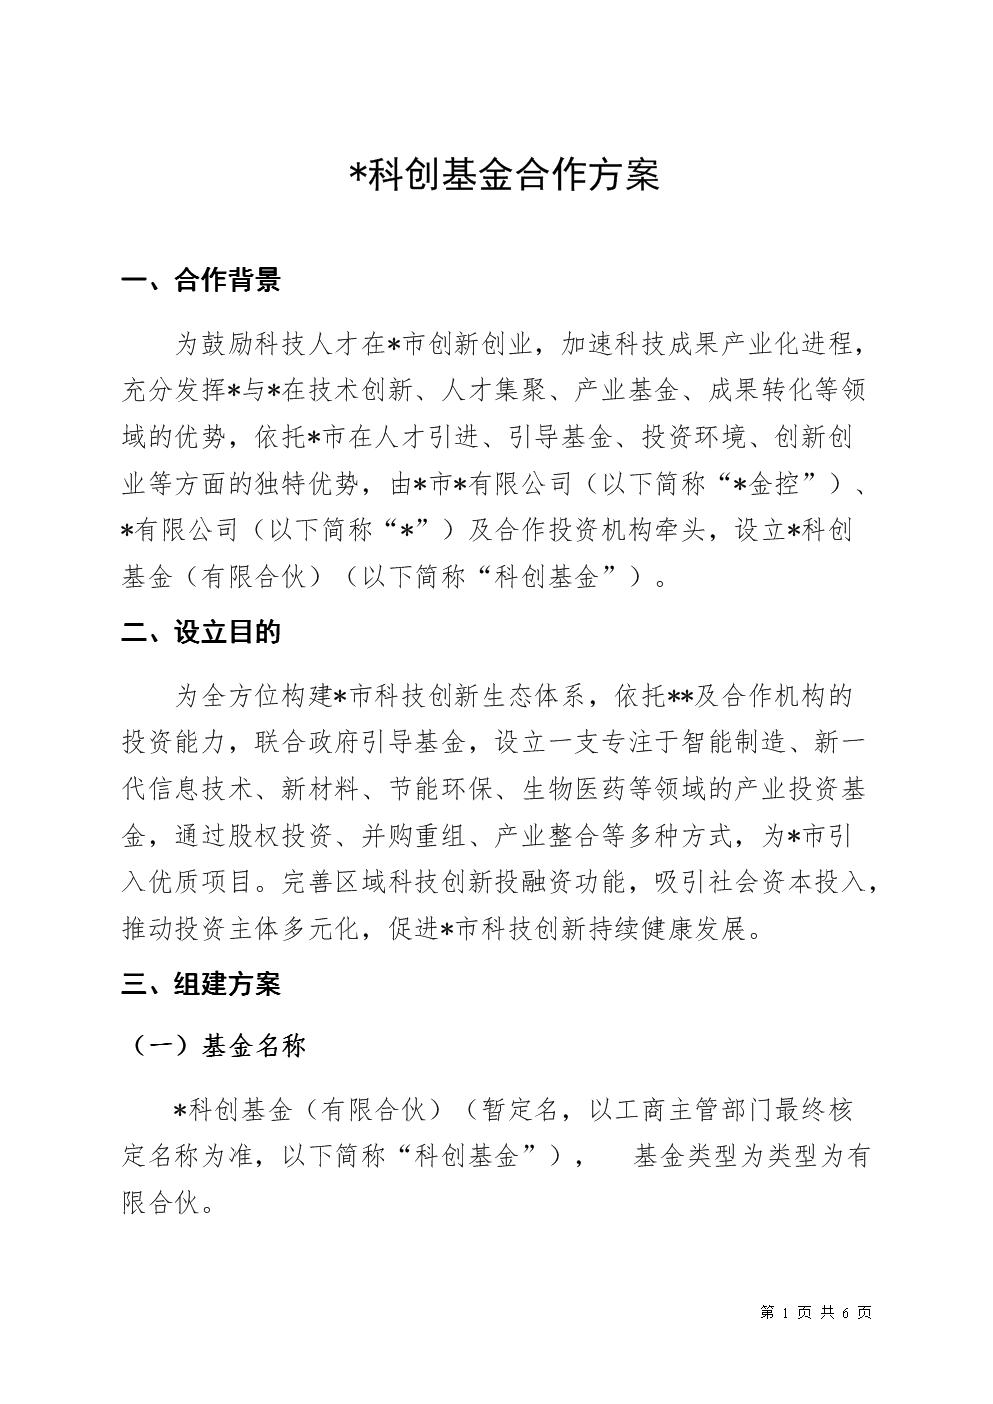 政府科创基金合作方案模版.doc